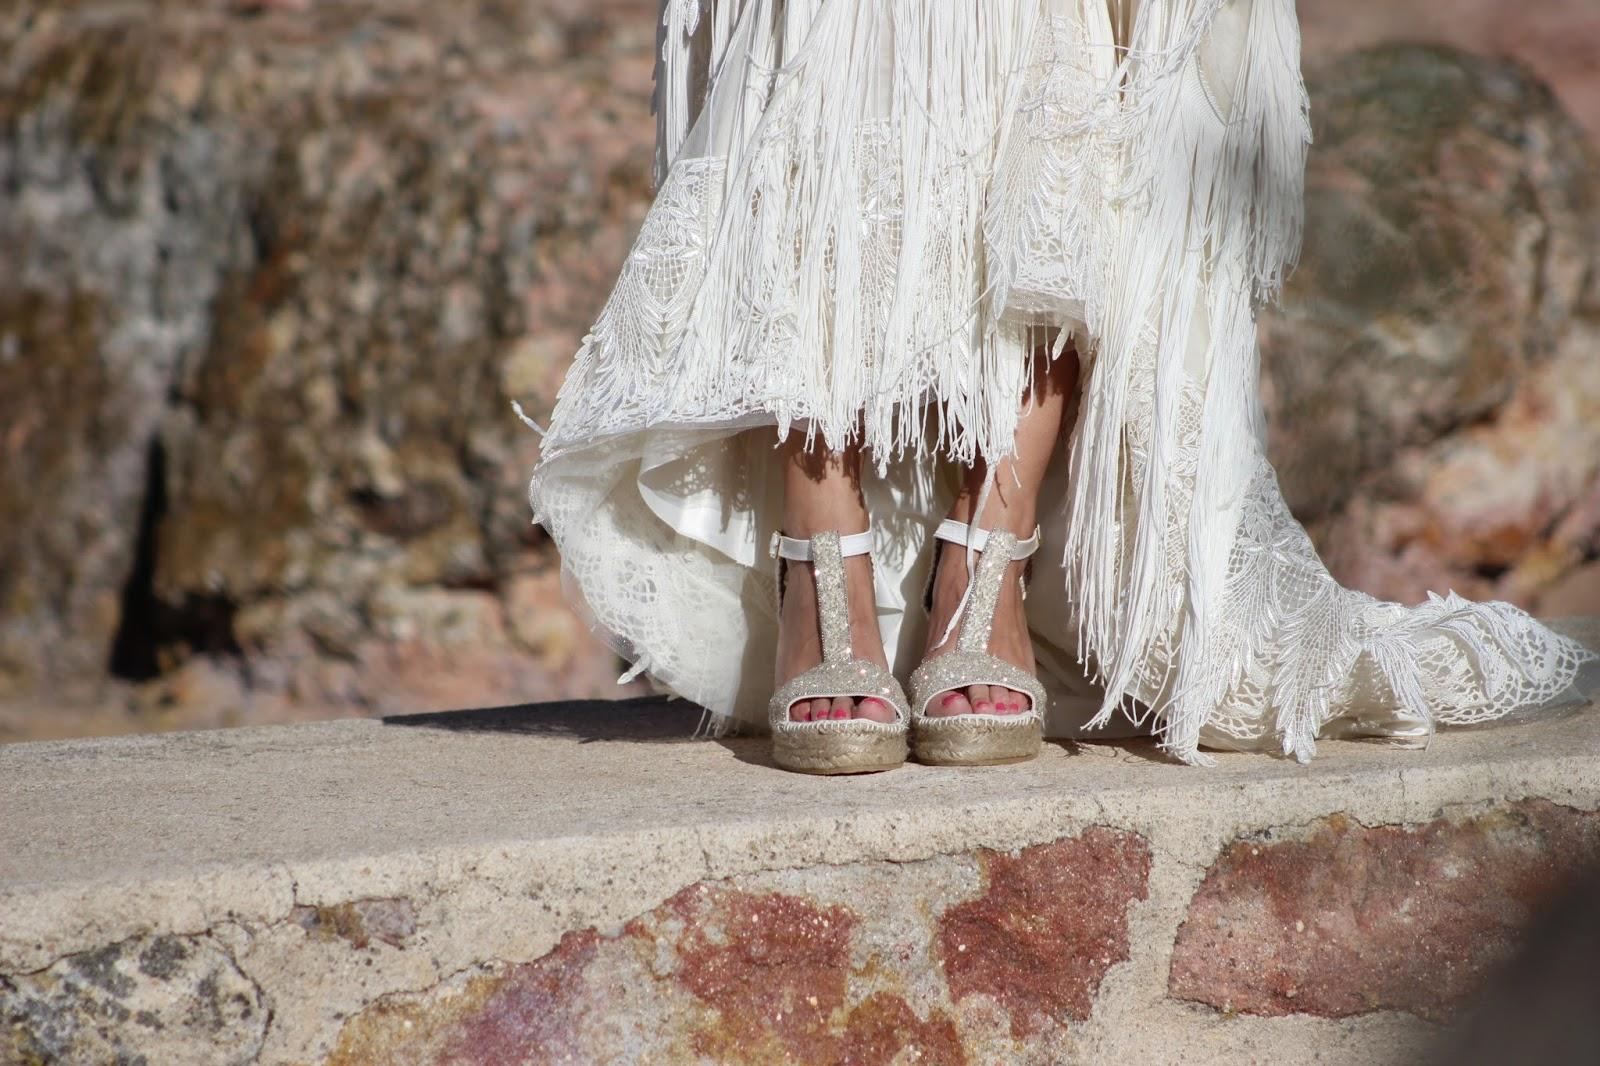 Las novias hacen eco de esta moda para llevarlas durante la ceremonia y después, especialmente en el baile. También las invitadas o en las típicas \u201cfiestas